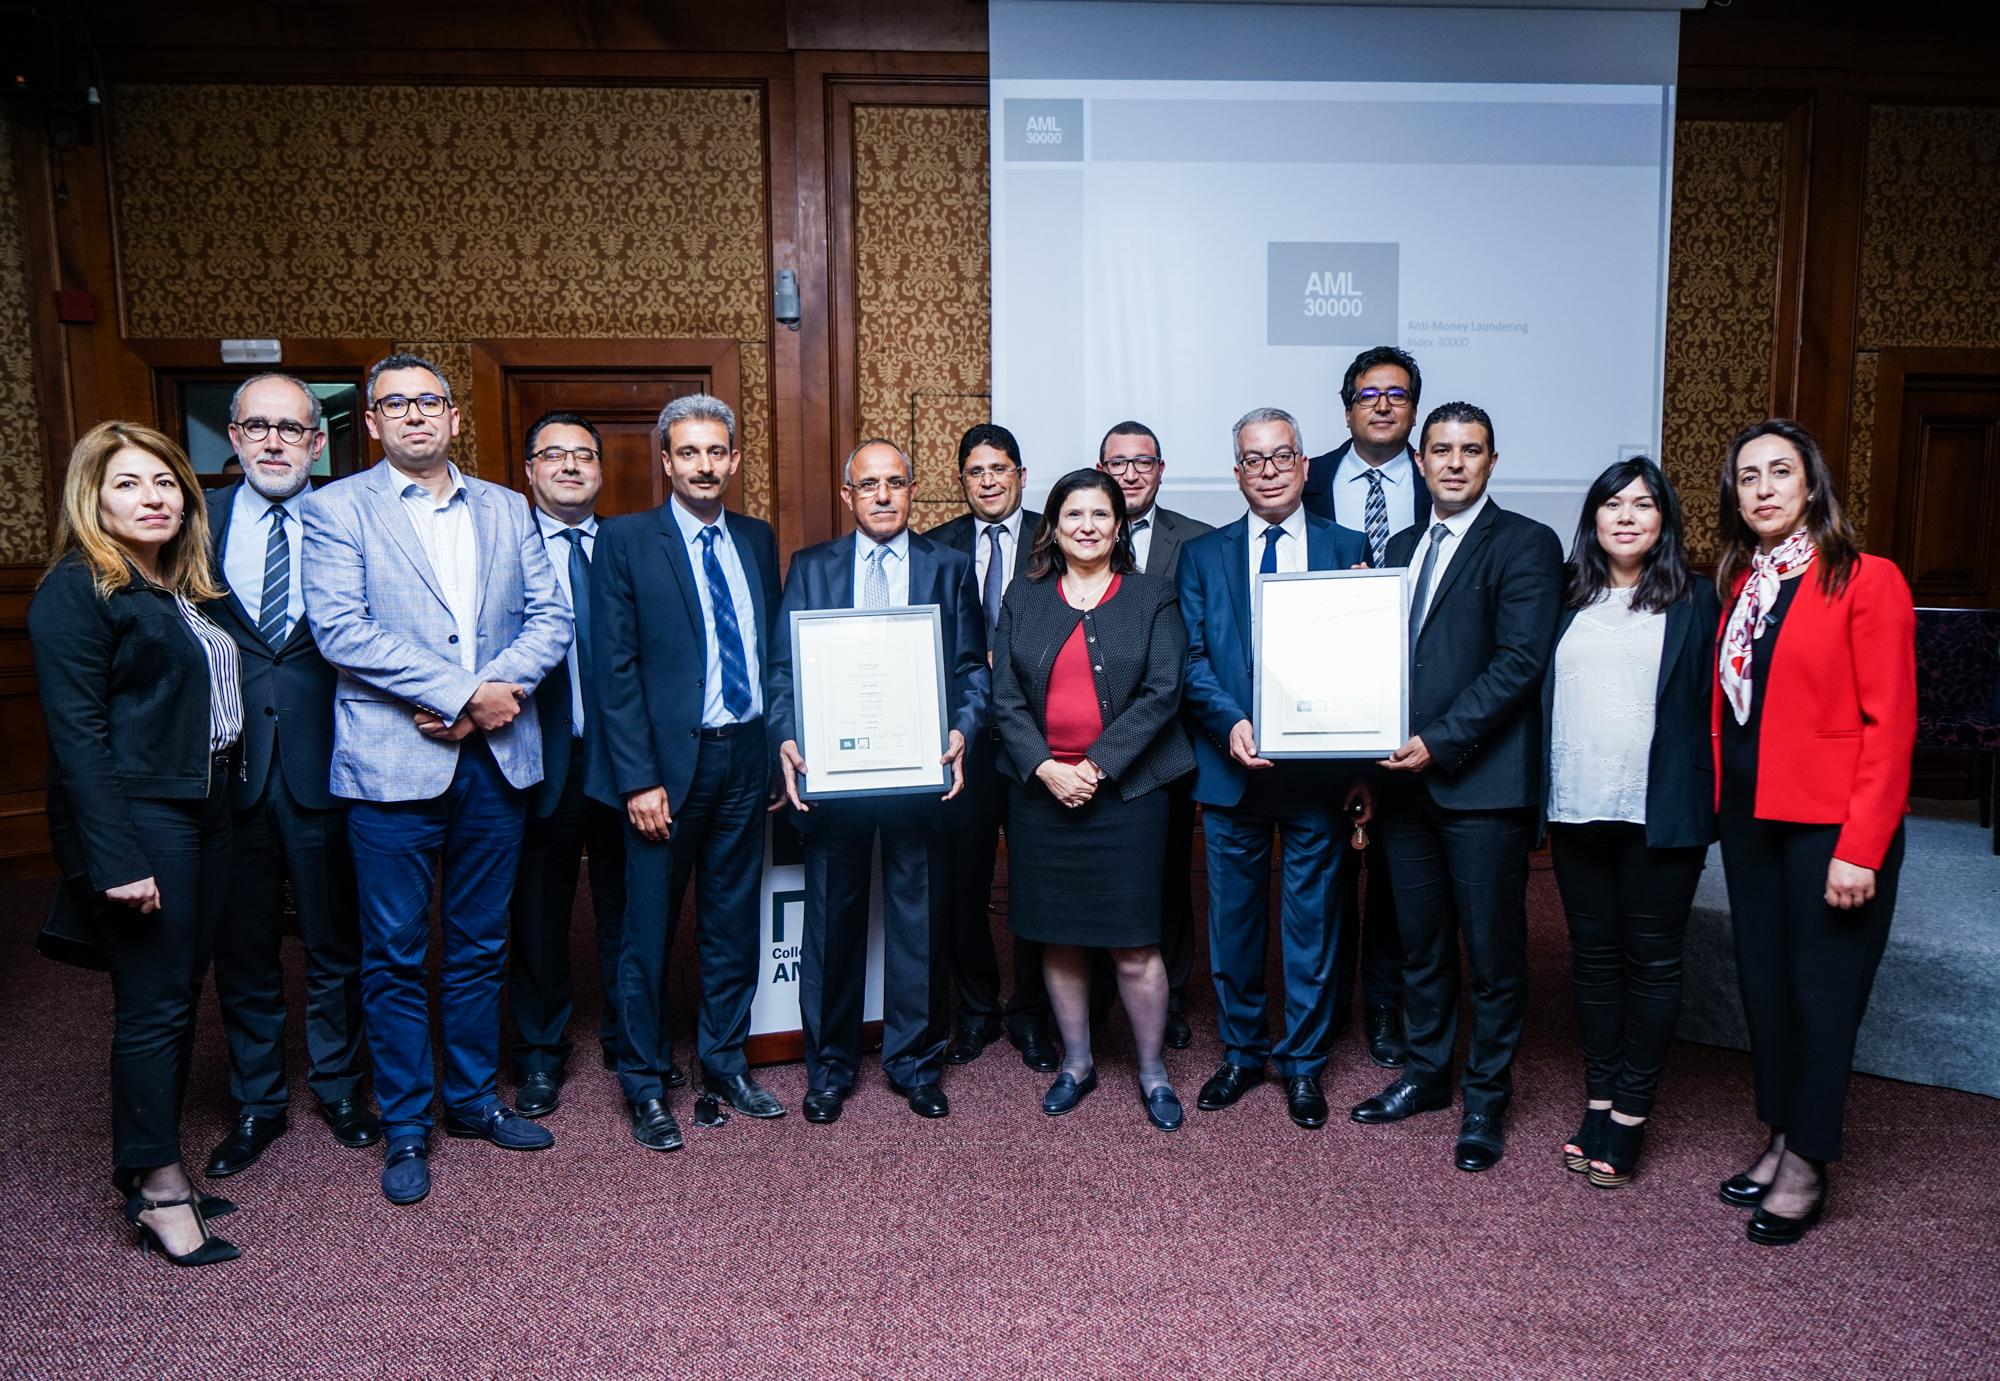 Tunisie- GAT ASSURANCES conforme aux standards AML 30000